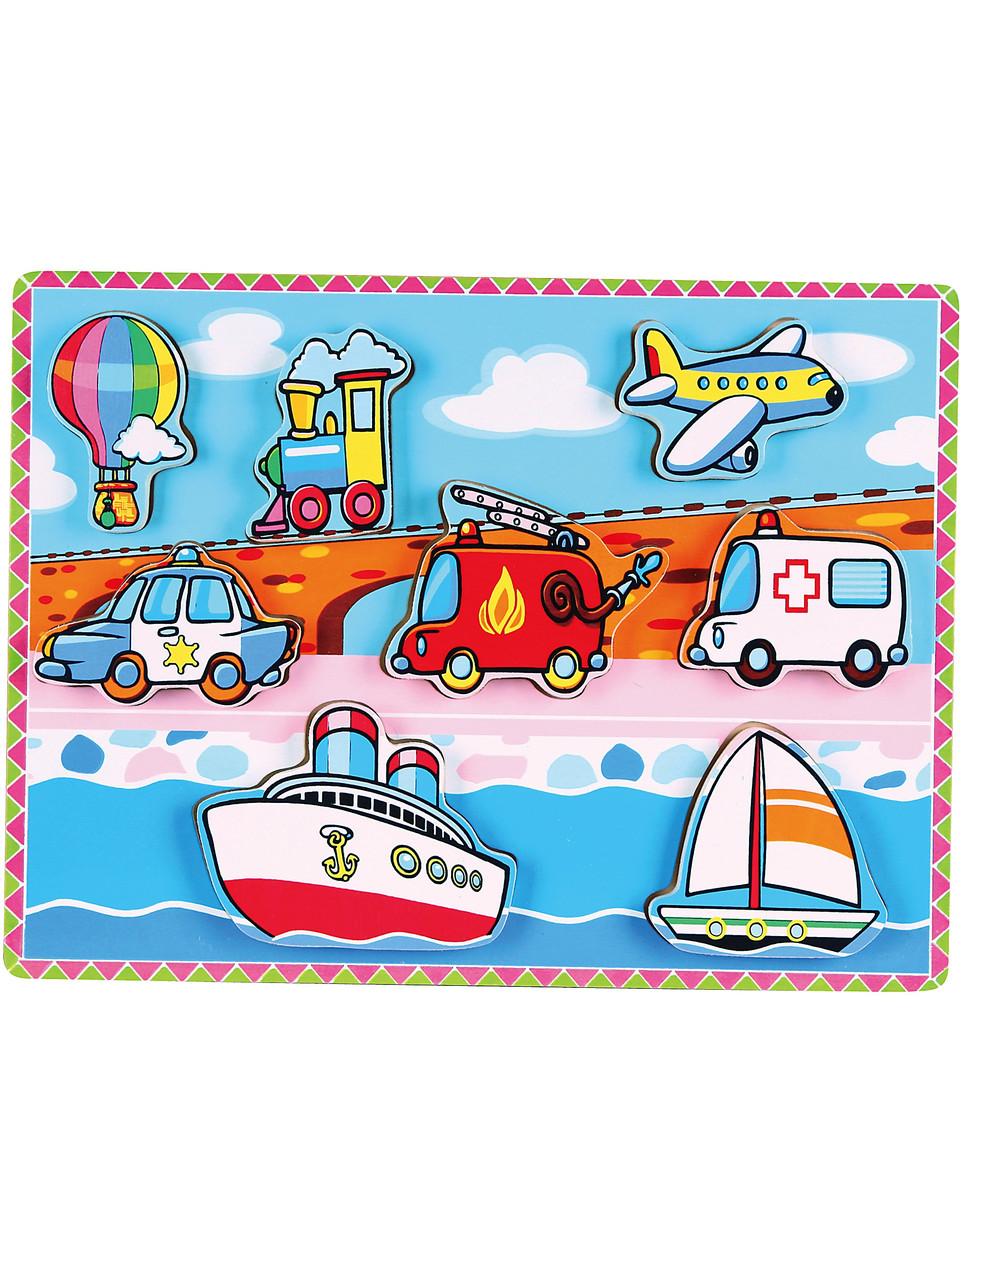 Розвиваючі і повчальні іграшки «Viga Toys» (56436) рамка-вкладиш Транспорт